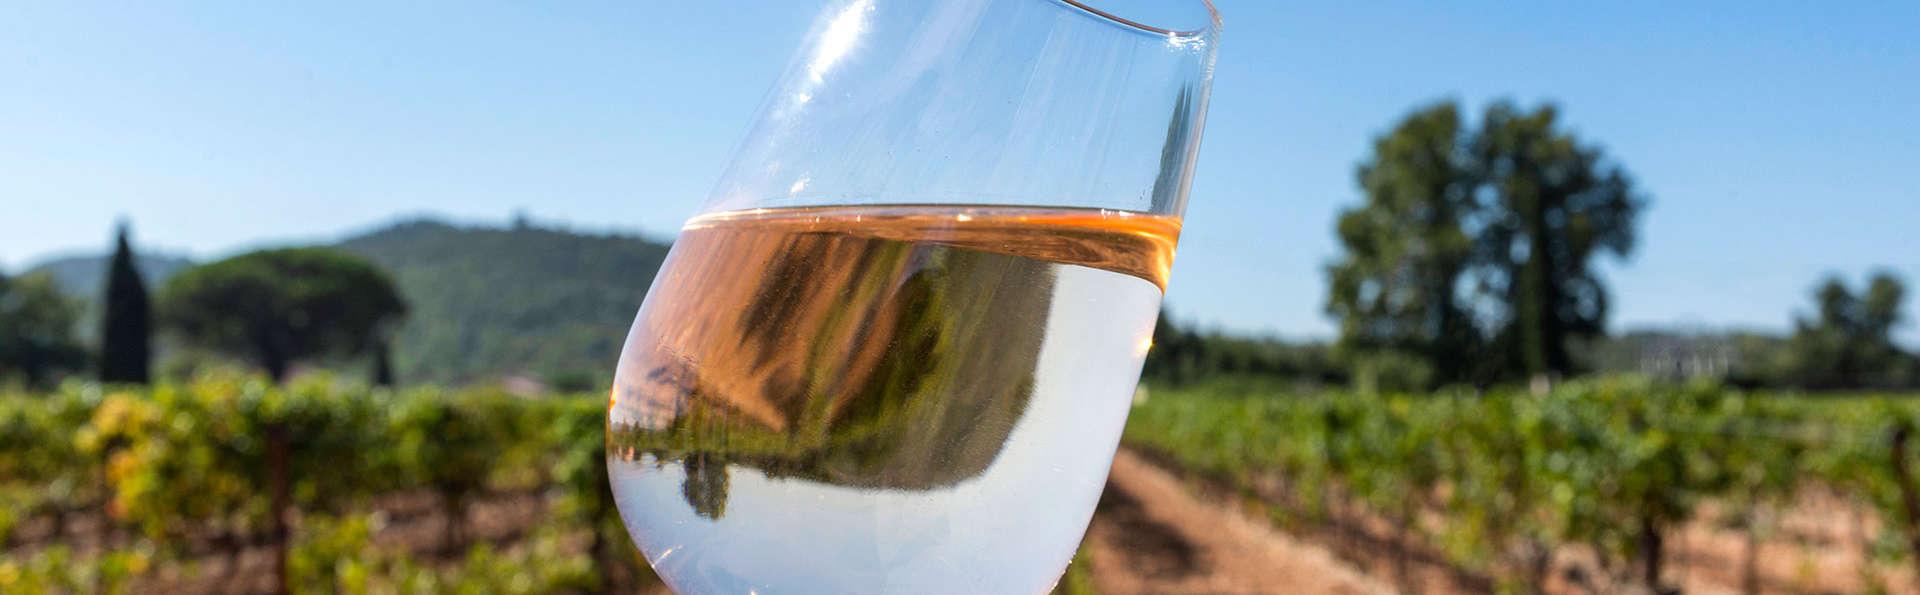 Offre spéciale: Profitez d'une dégustation de vins et accès au jacuzzi privé